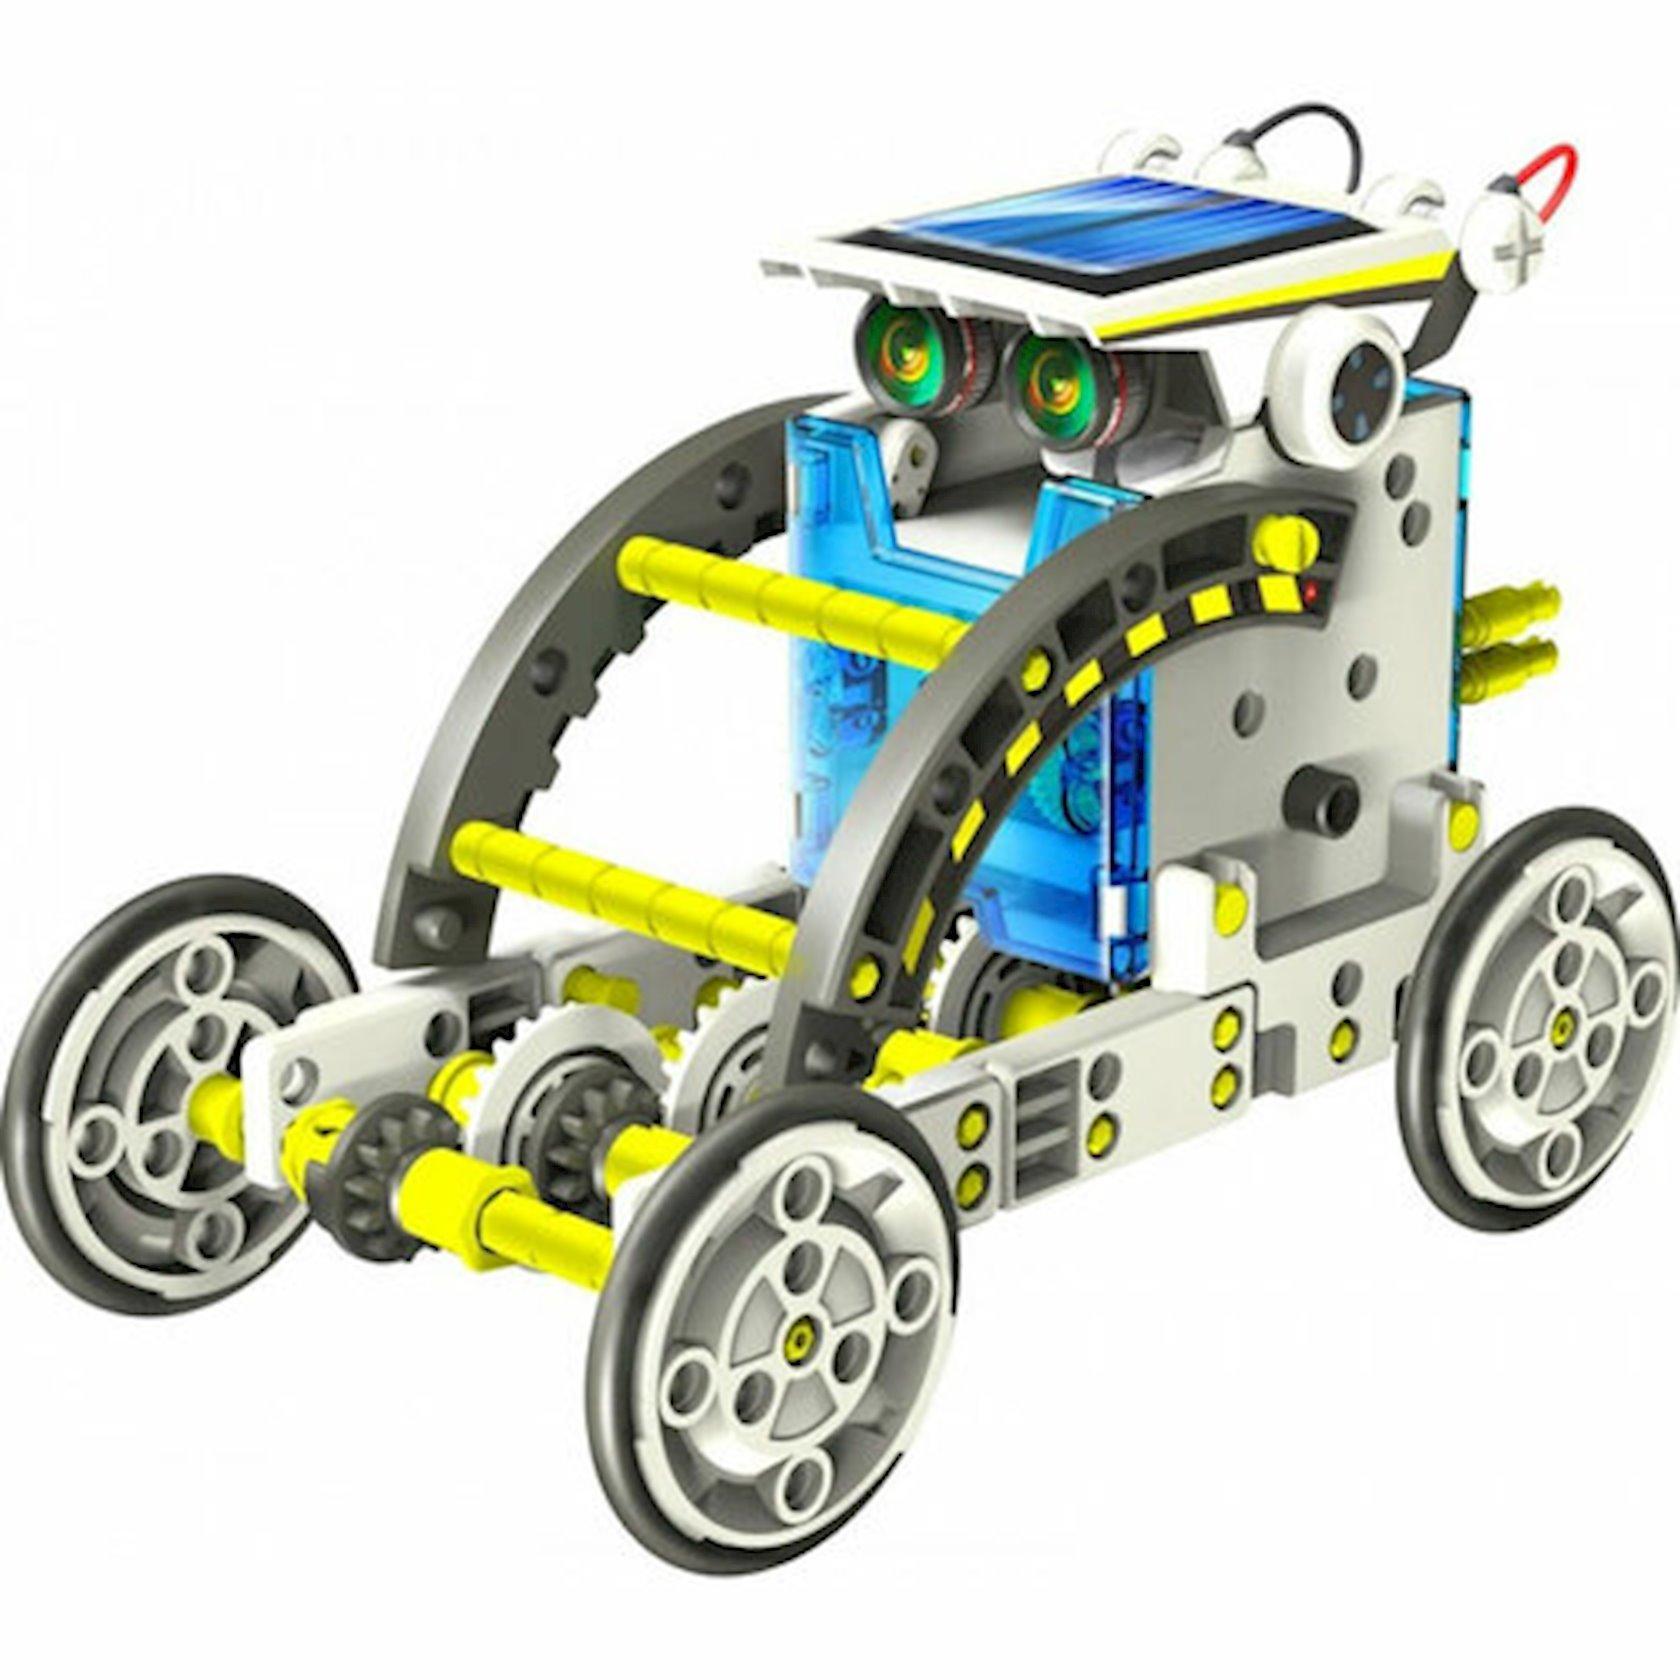 Robot konstruktor Same Toy Multibot 14-də 1 günəş enerjisi ilə işləyir,8+ yaş